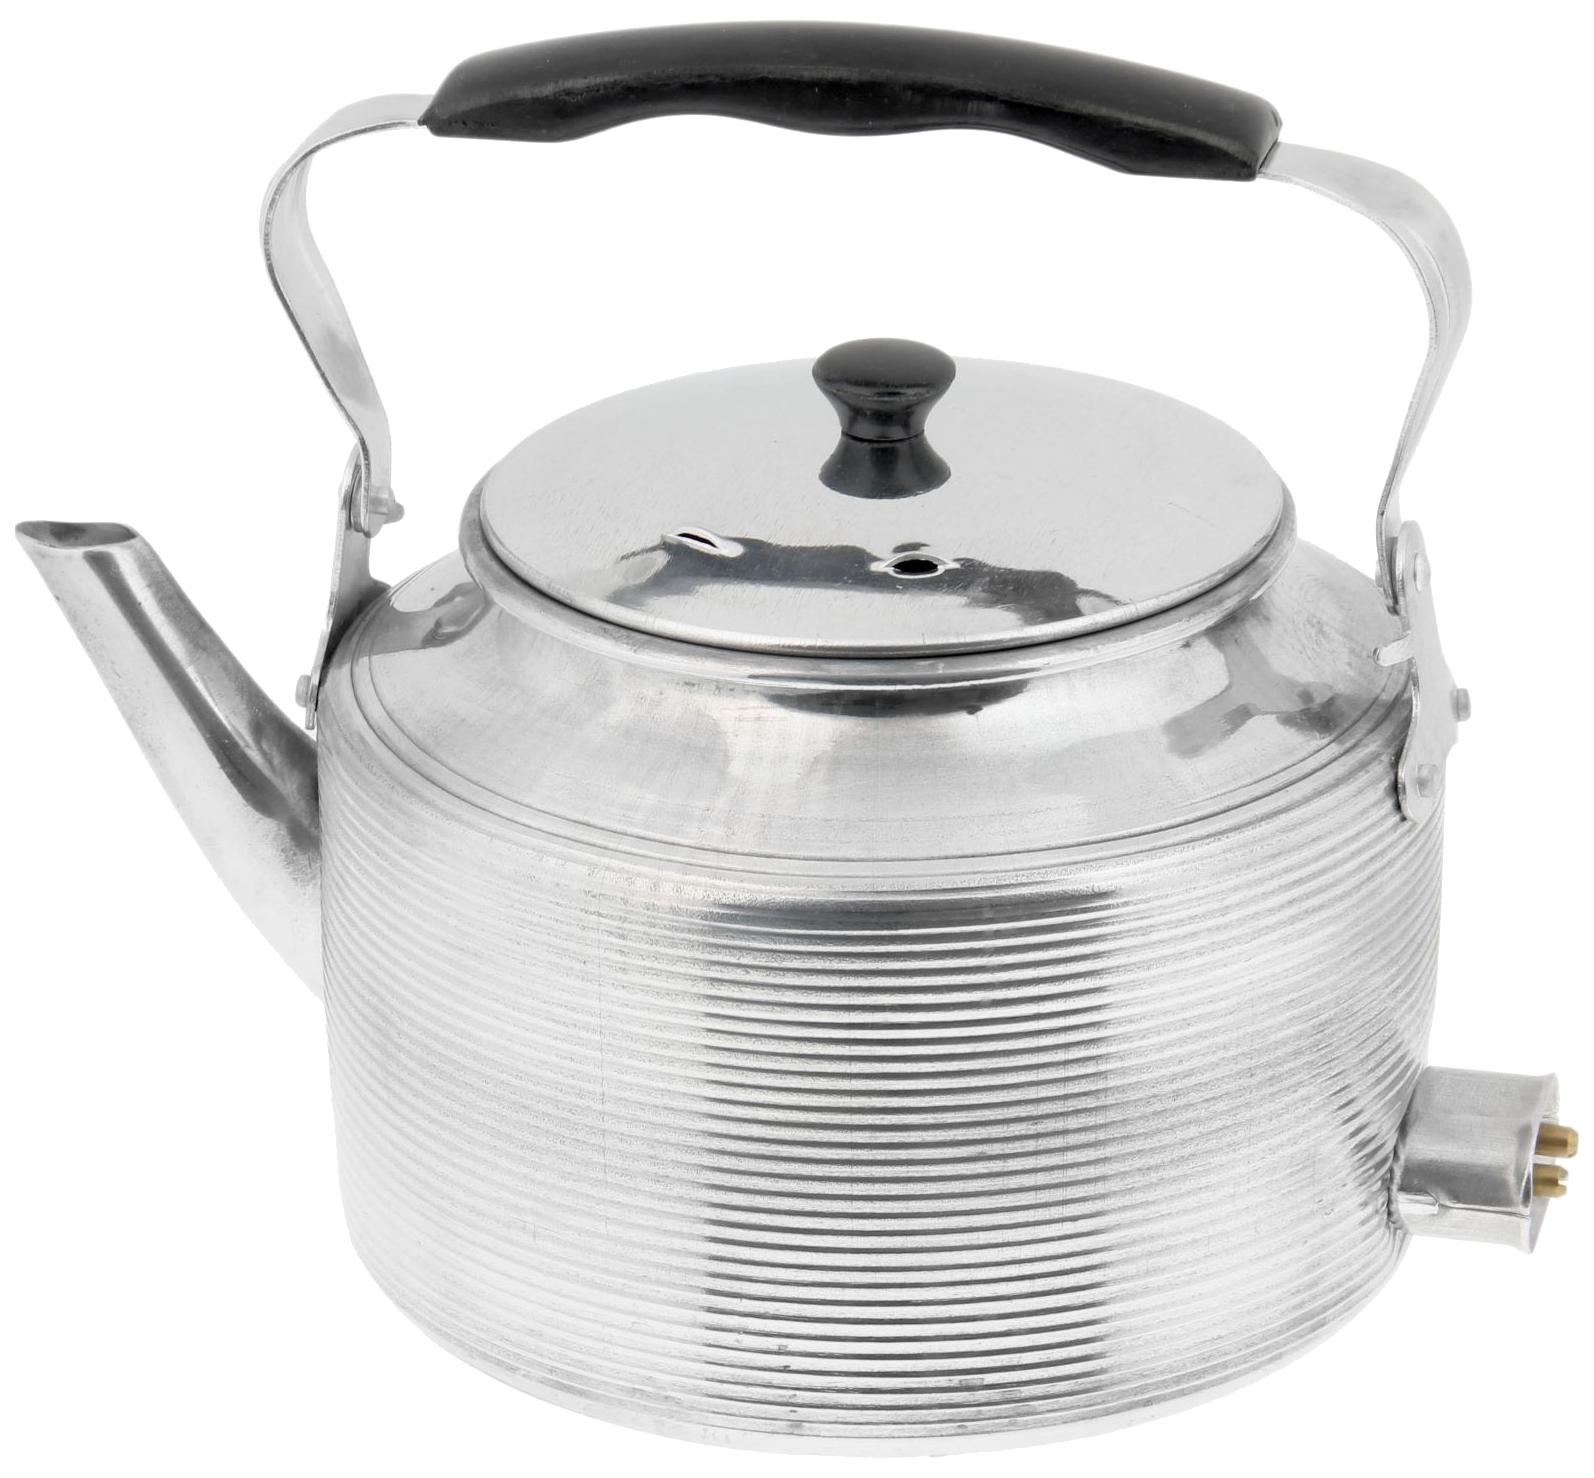 Чайник электрический Эрг-AL-4 Silver